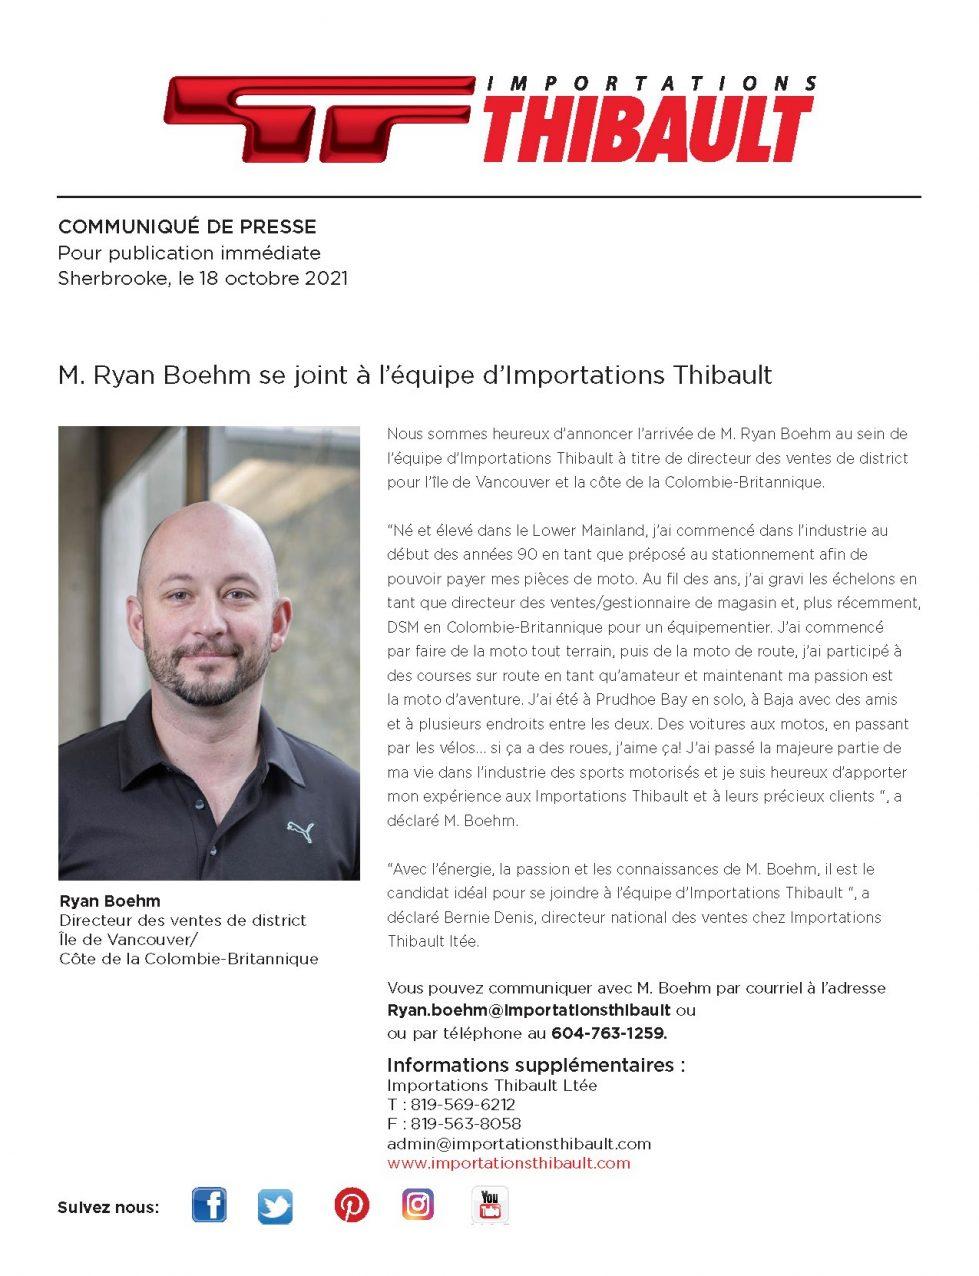 M. Ryan Boehm se joint à l'équipe d'Importations Thibault